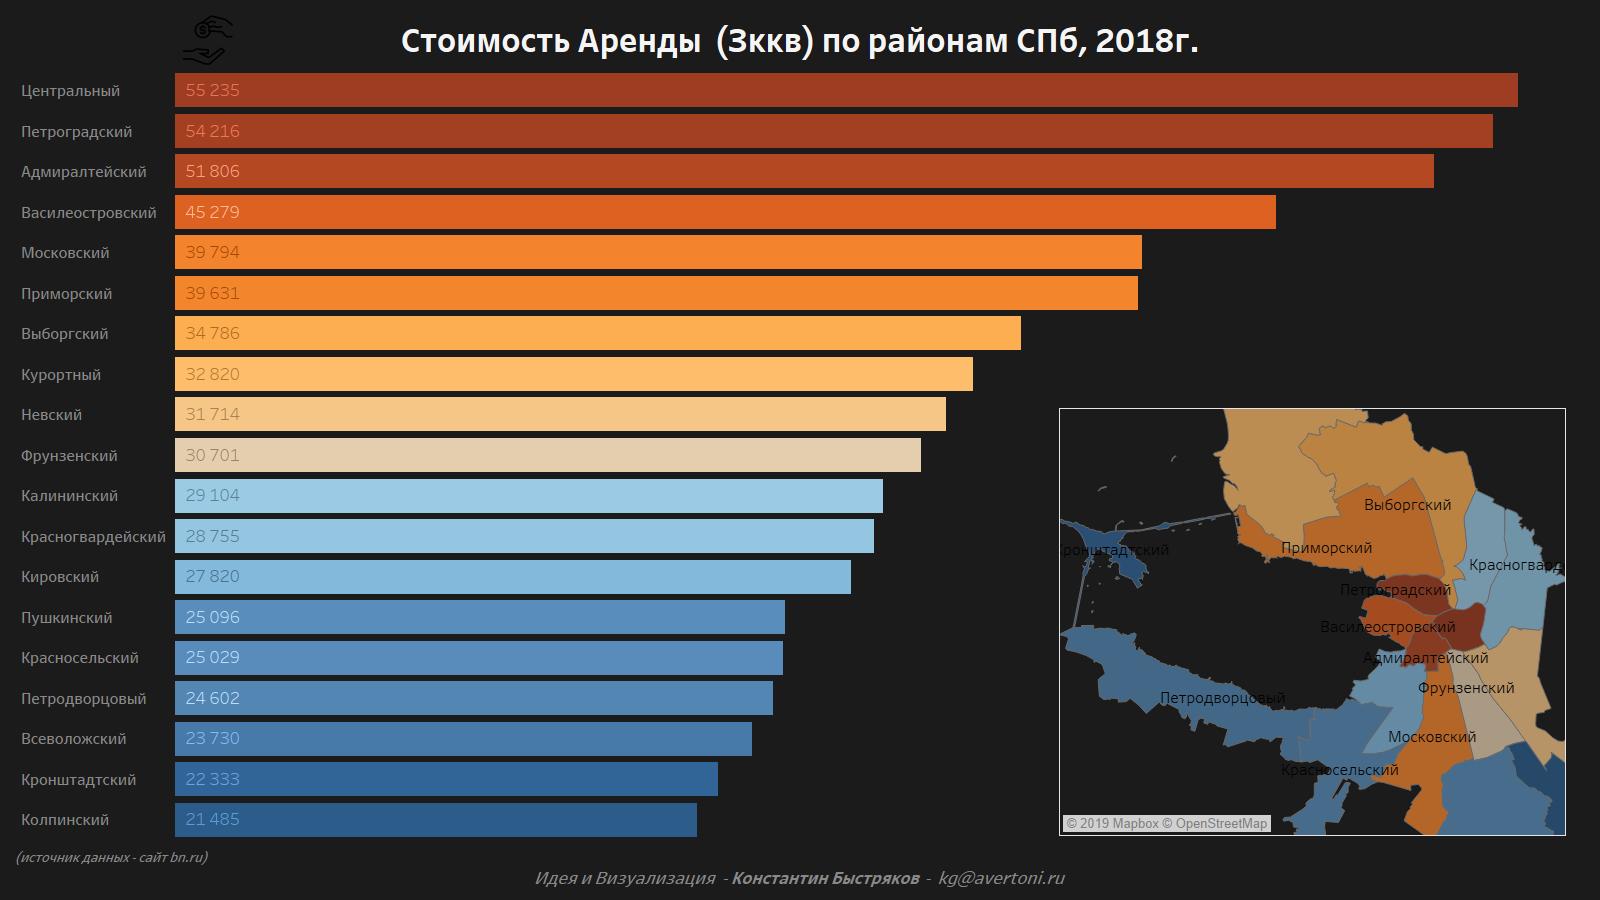 Диаграмма стоимости аренды трехкомнатной квартиры в СПб в 2018 году.